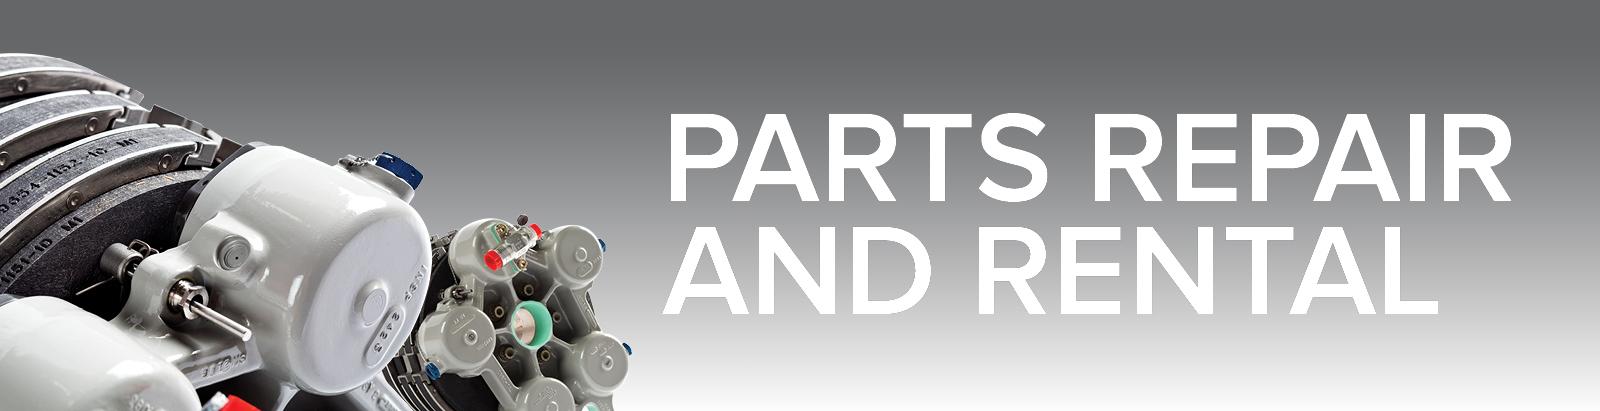 Parts Repair and Rental